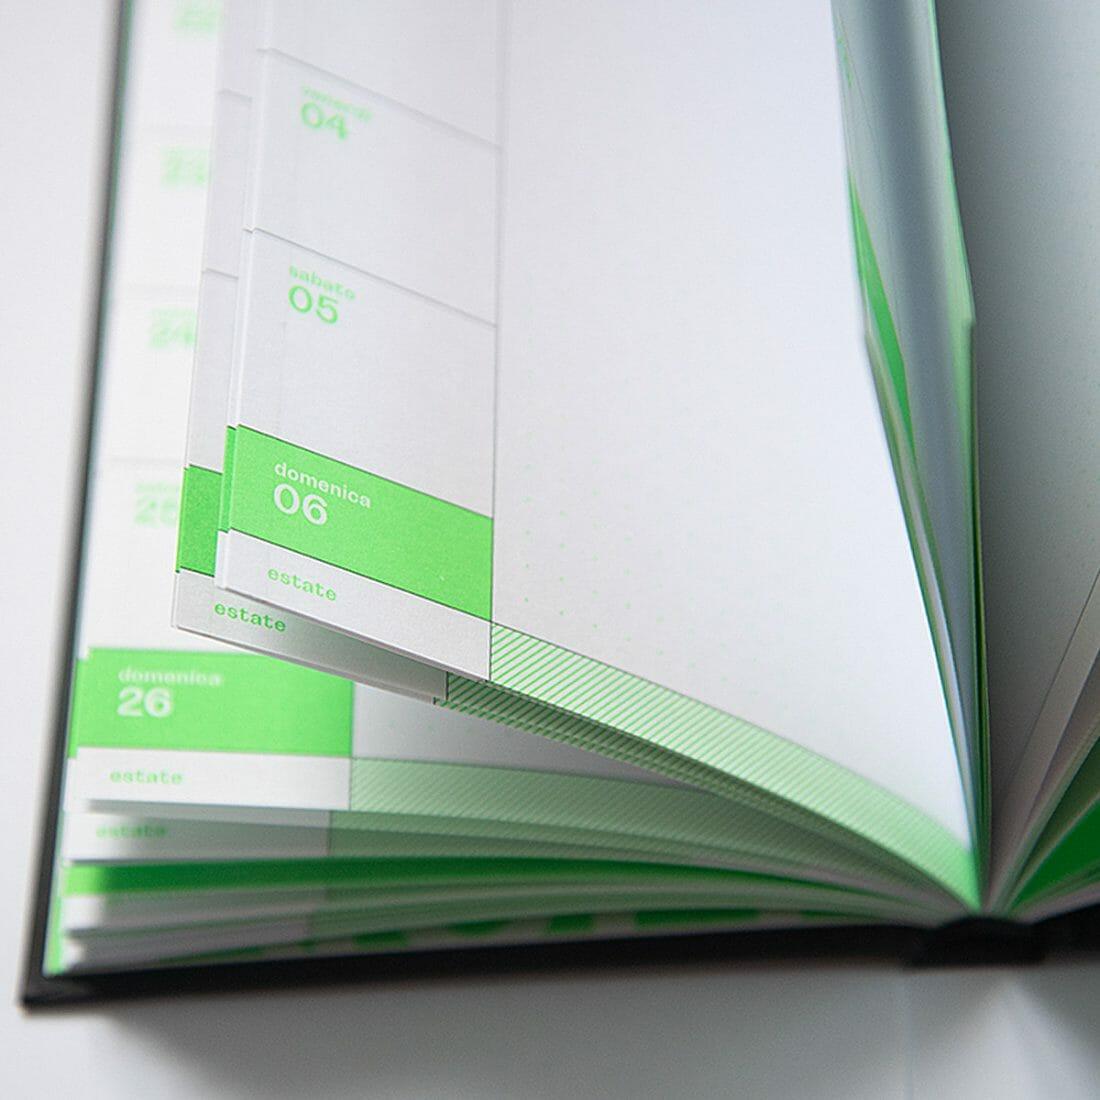 L'agenda 2020 di Hoppípolla. Stampa in offset e colore pantone